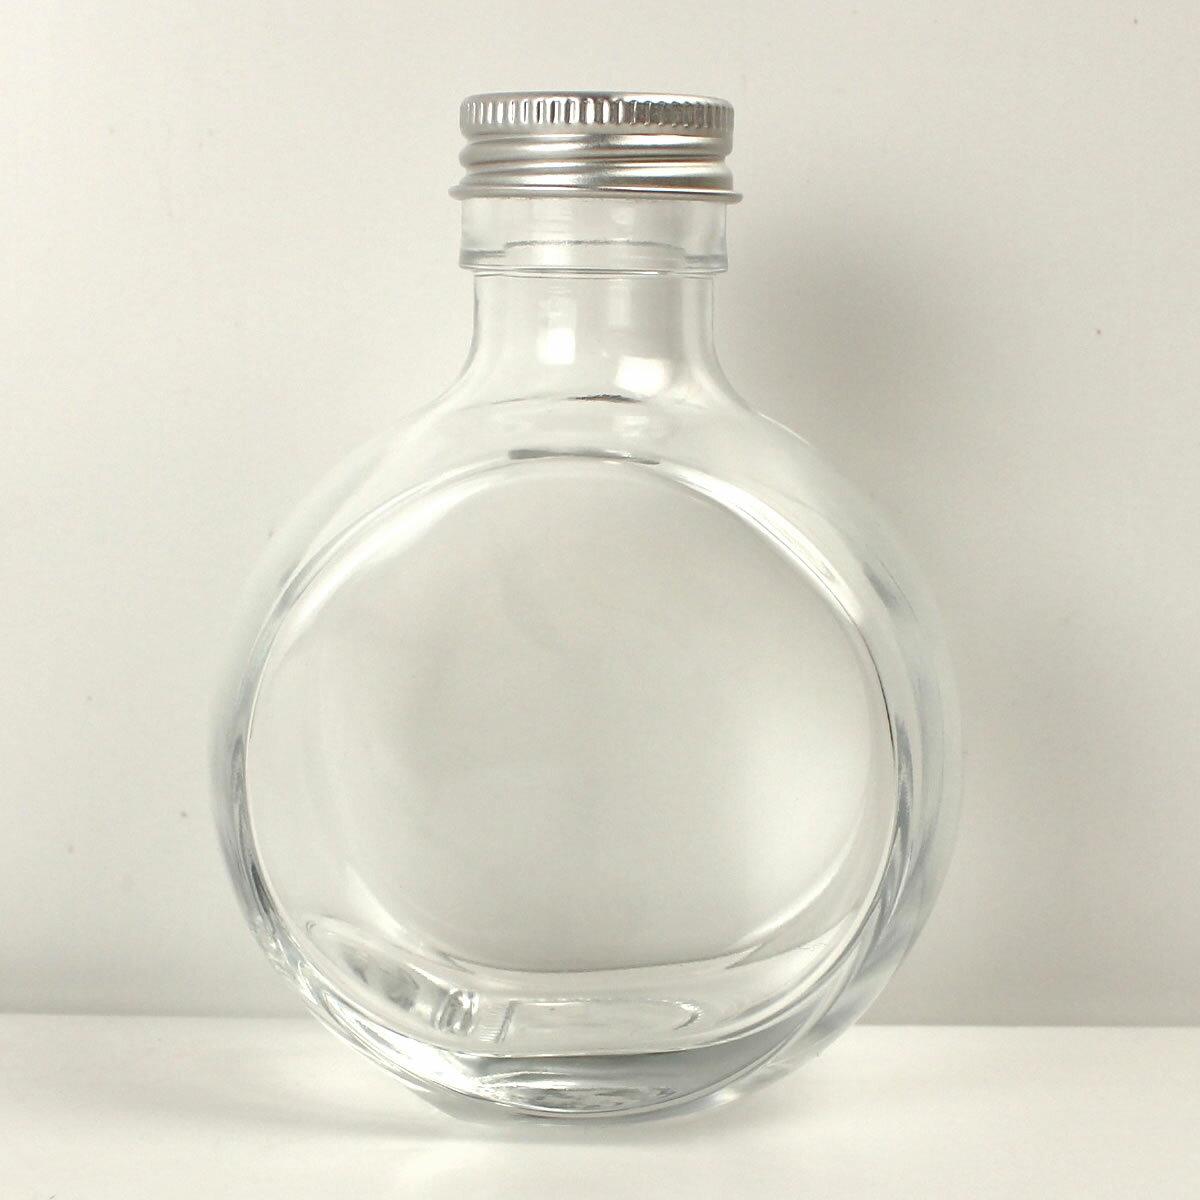 即日 ハーバリウム瓶 (フラット)150ml アルミ銀キャップ付《花資材・道具 ハーバリウム材料 ハーバリウム オイル》